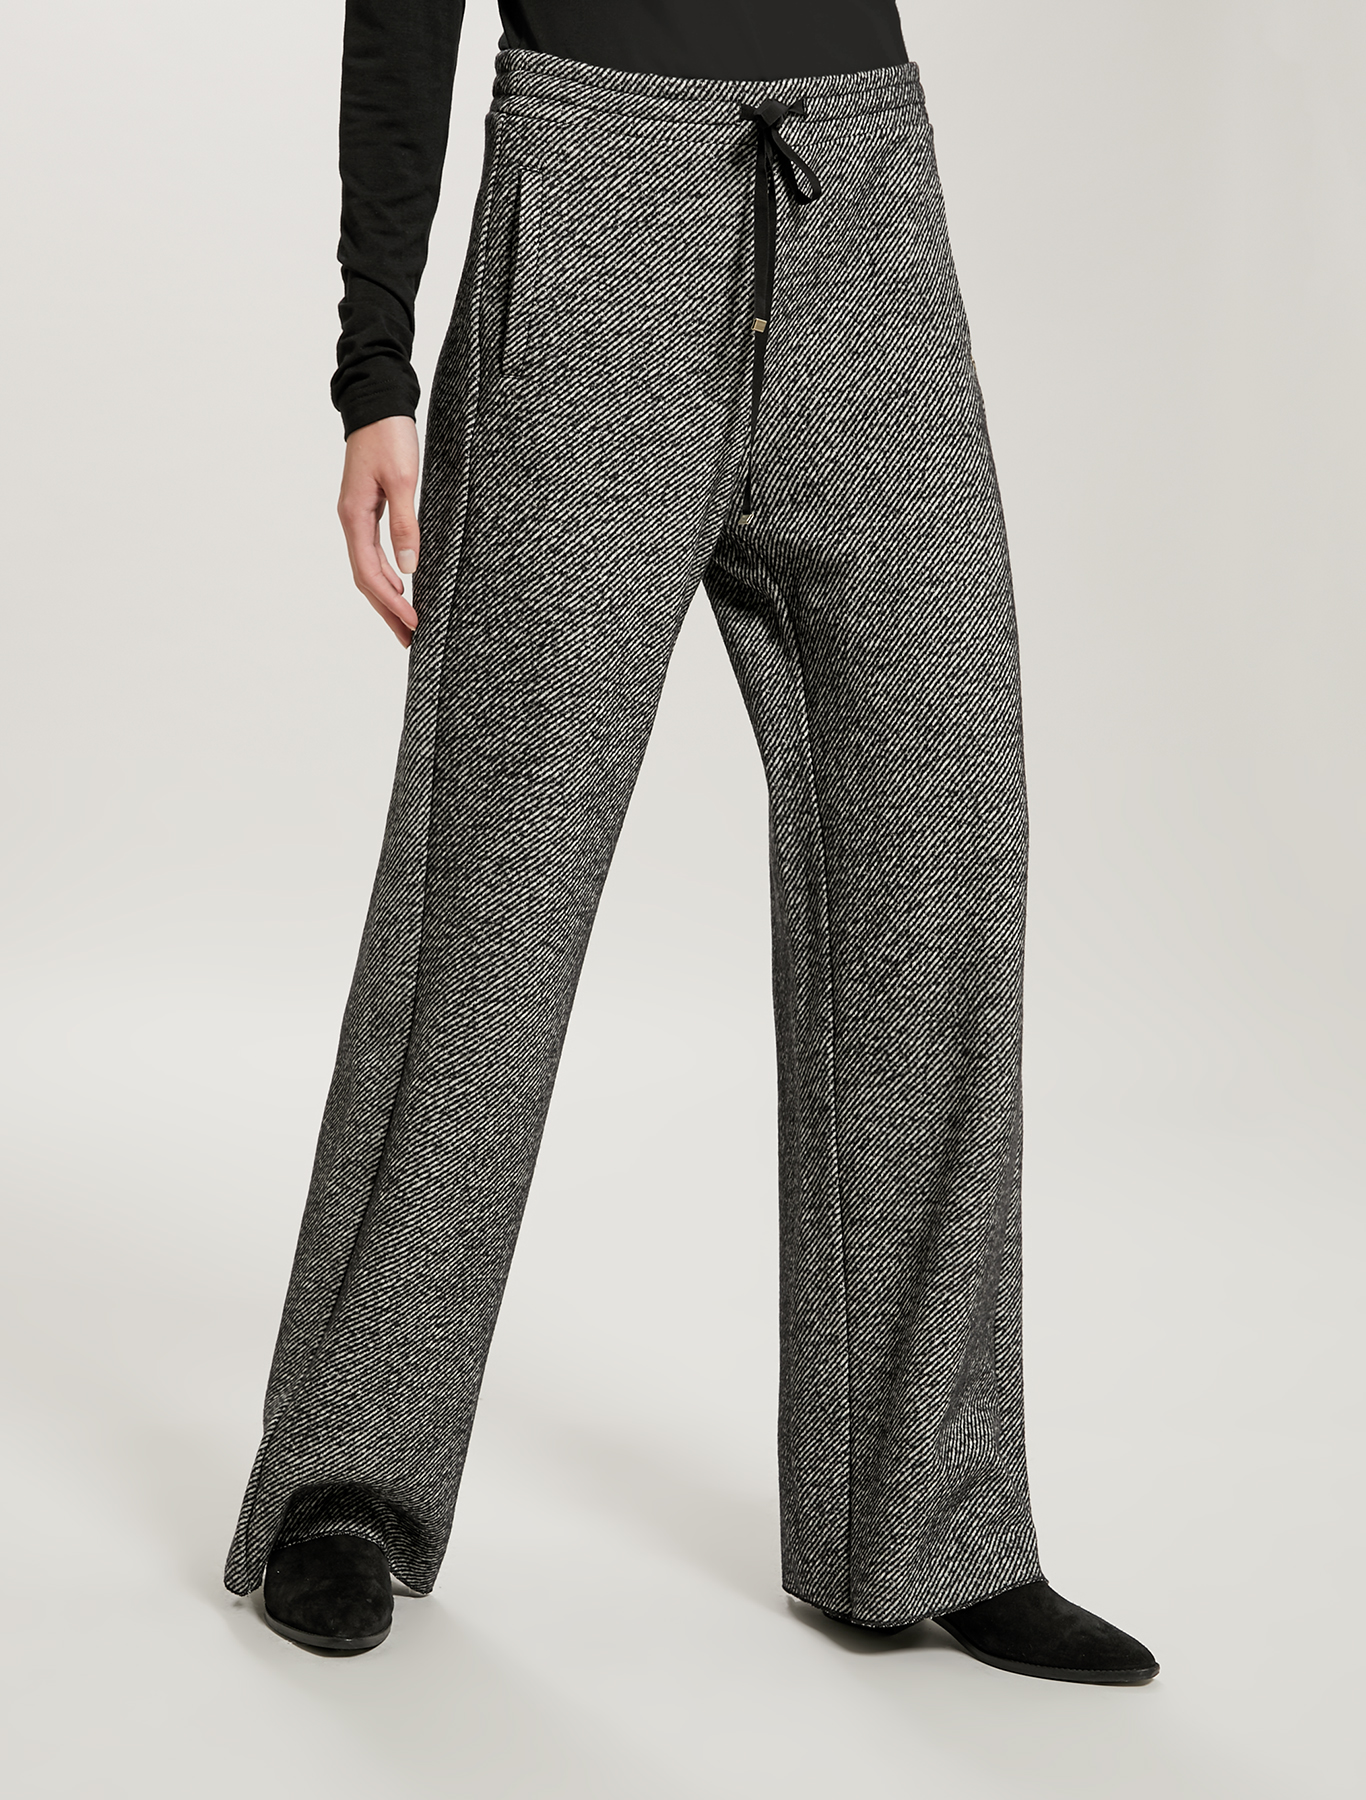 Tweed jersey trousers - black pattern - pennyblack